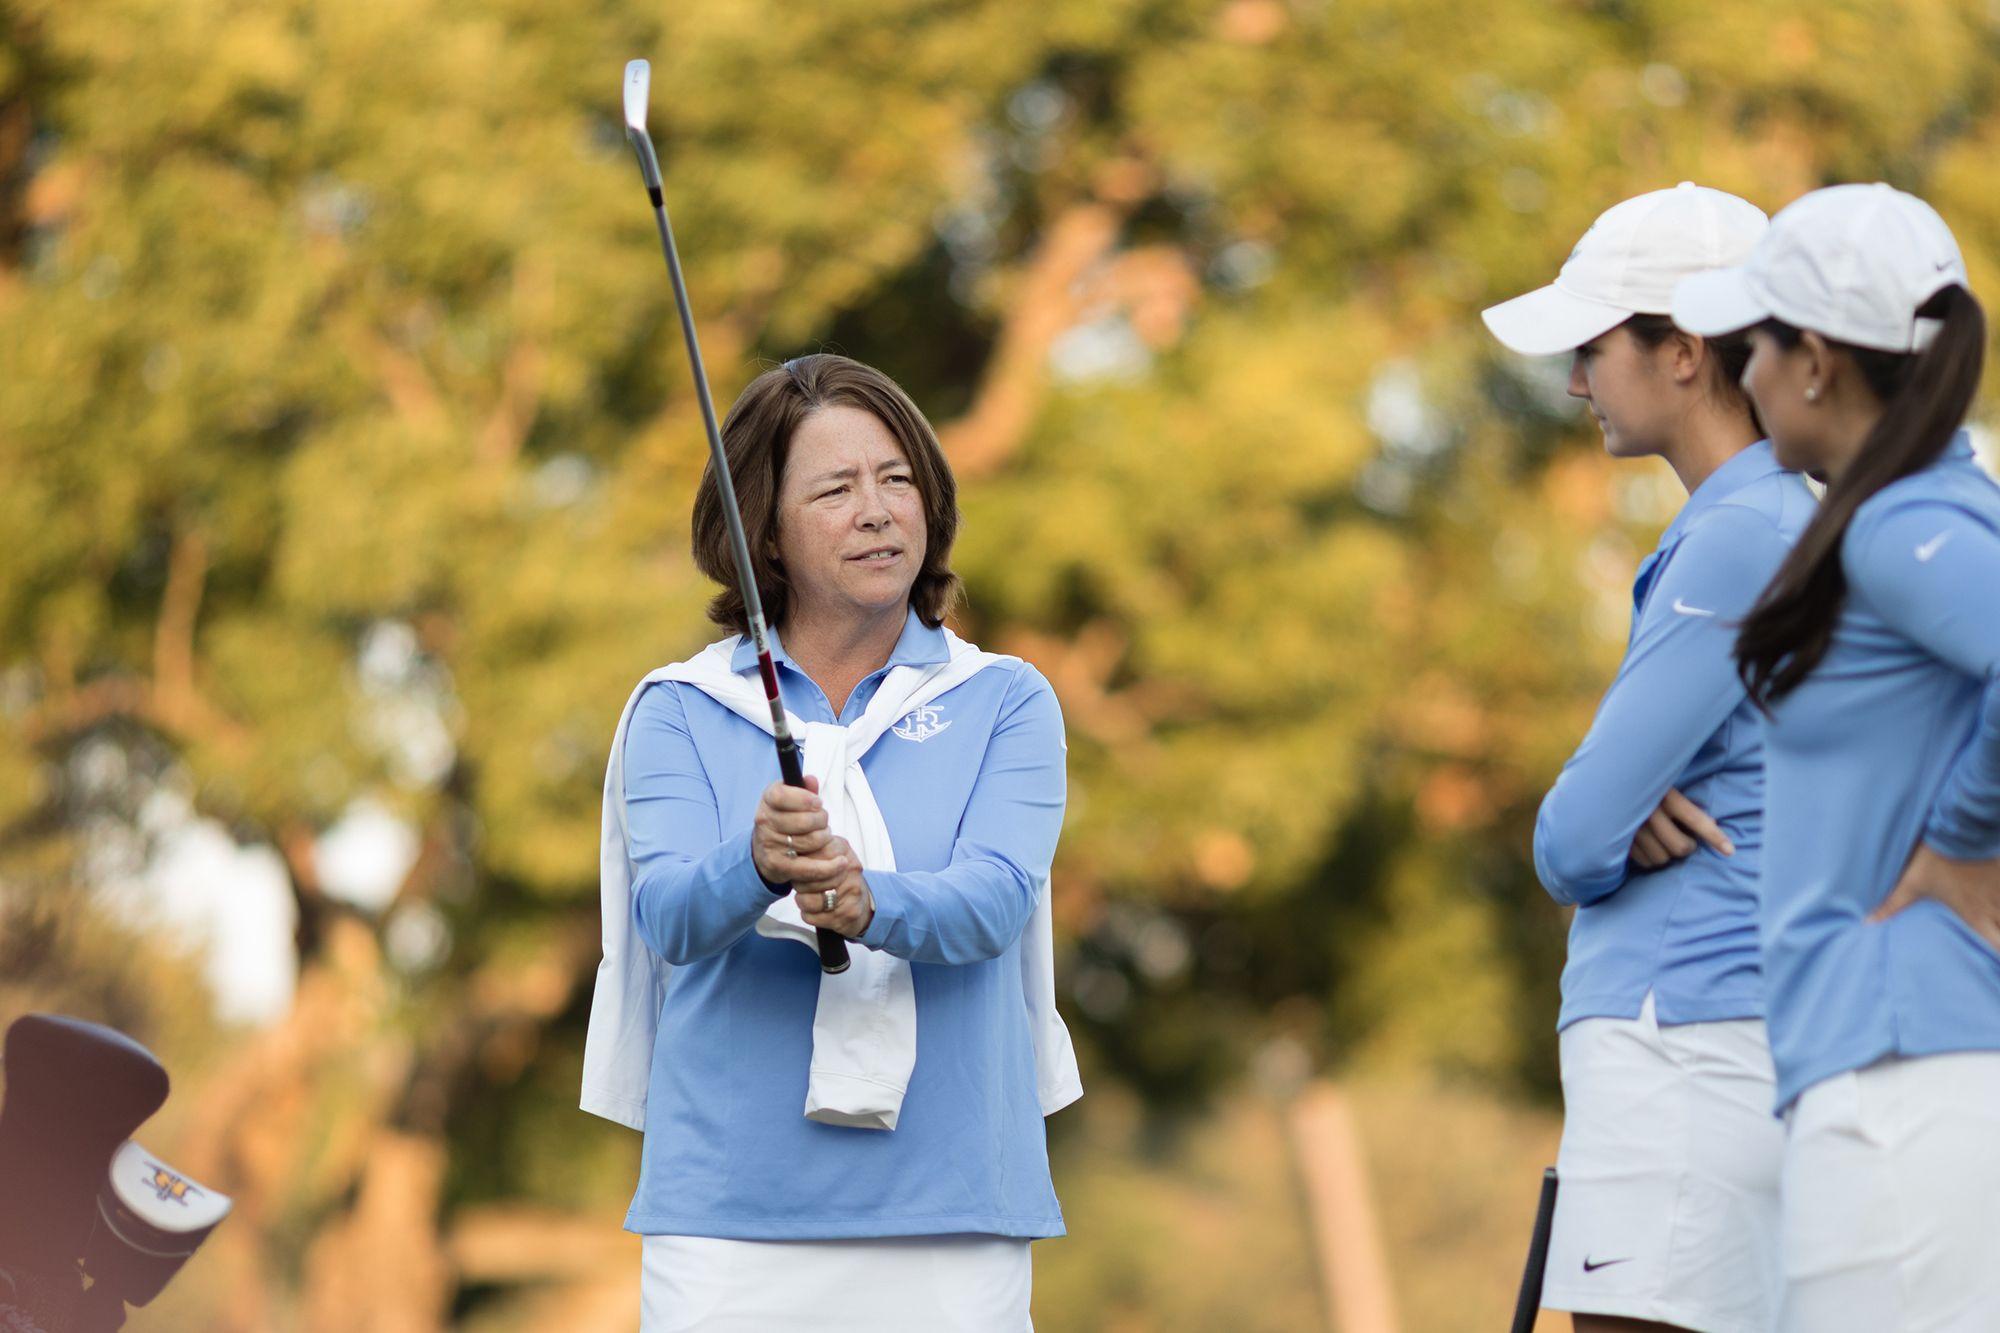 Head women's golf coach Julie Garner